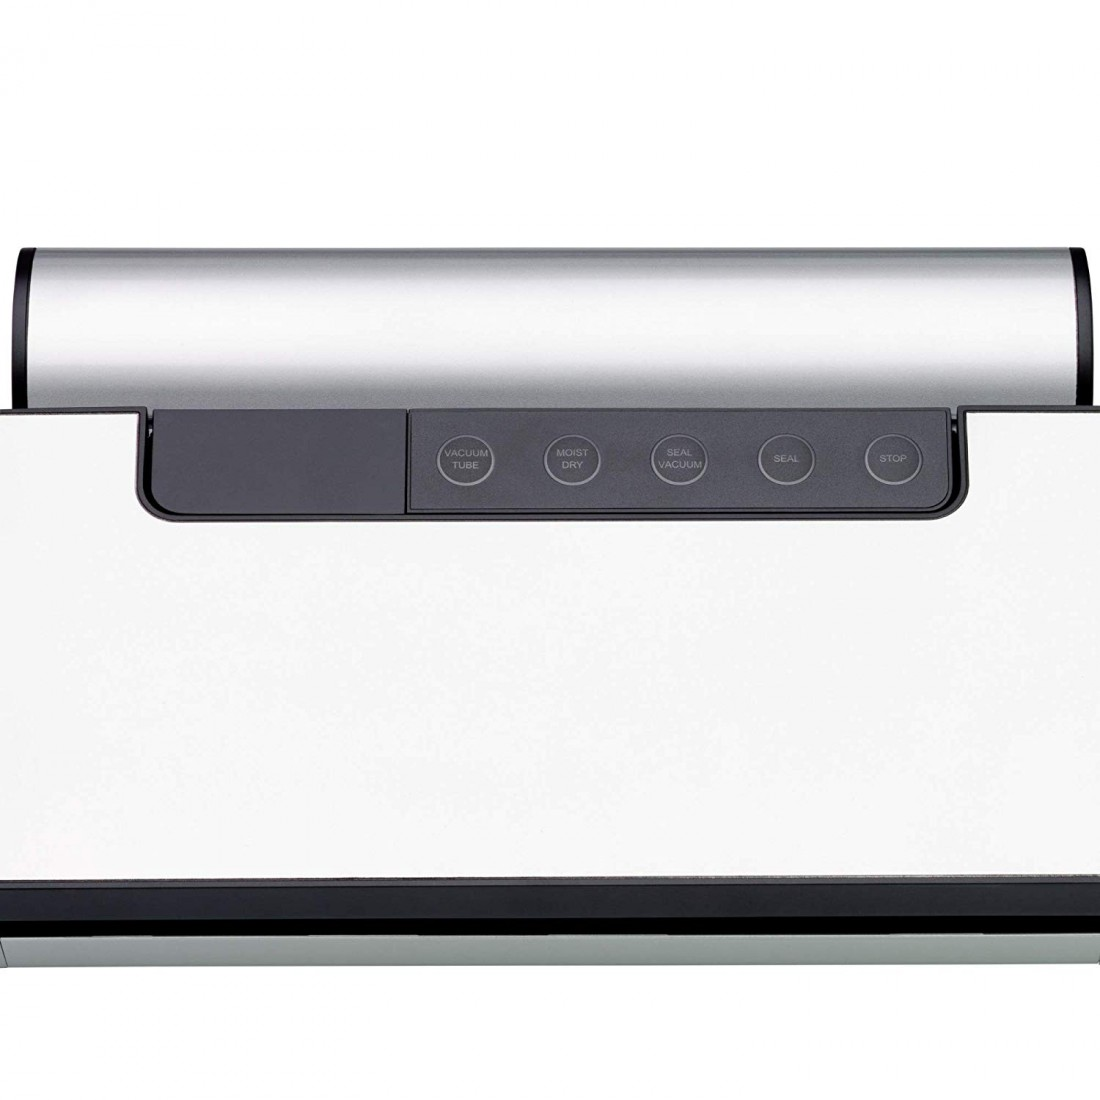 Máy hút chân không WMF Lono-Thế giới đồ gia dụng HMD